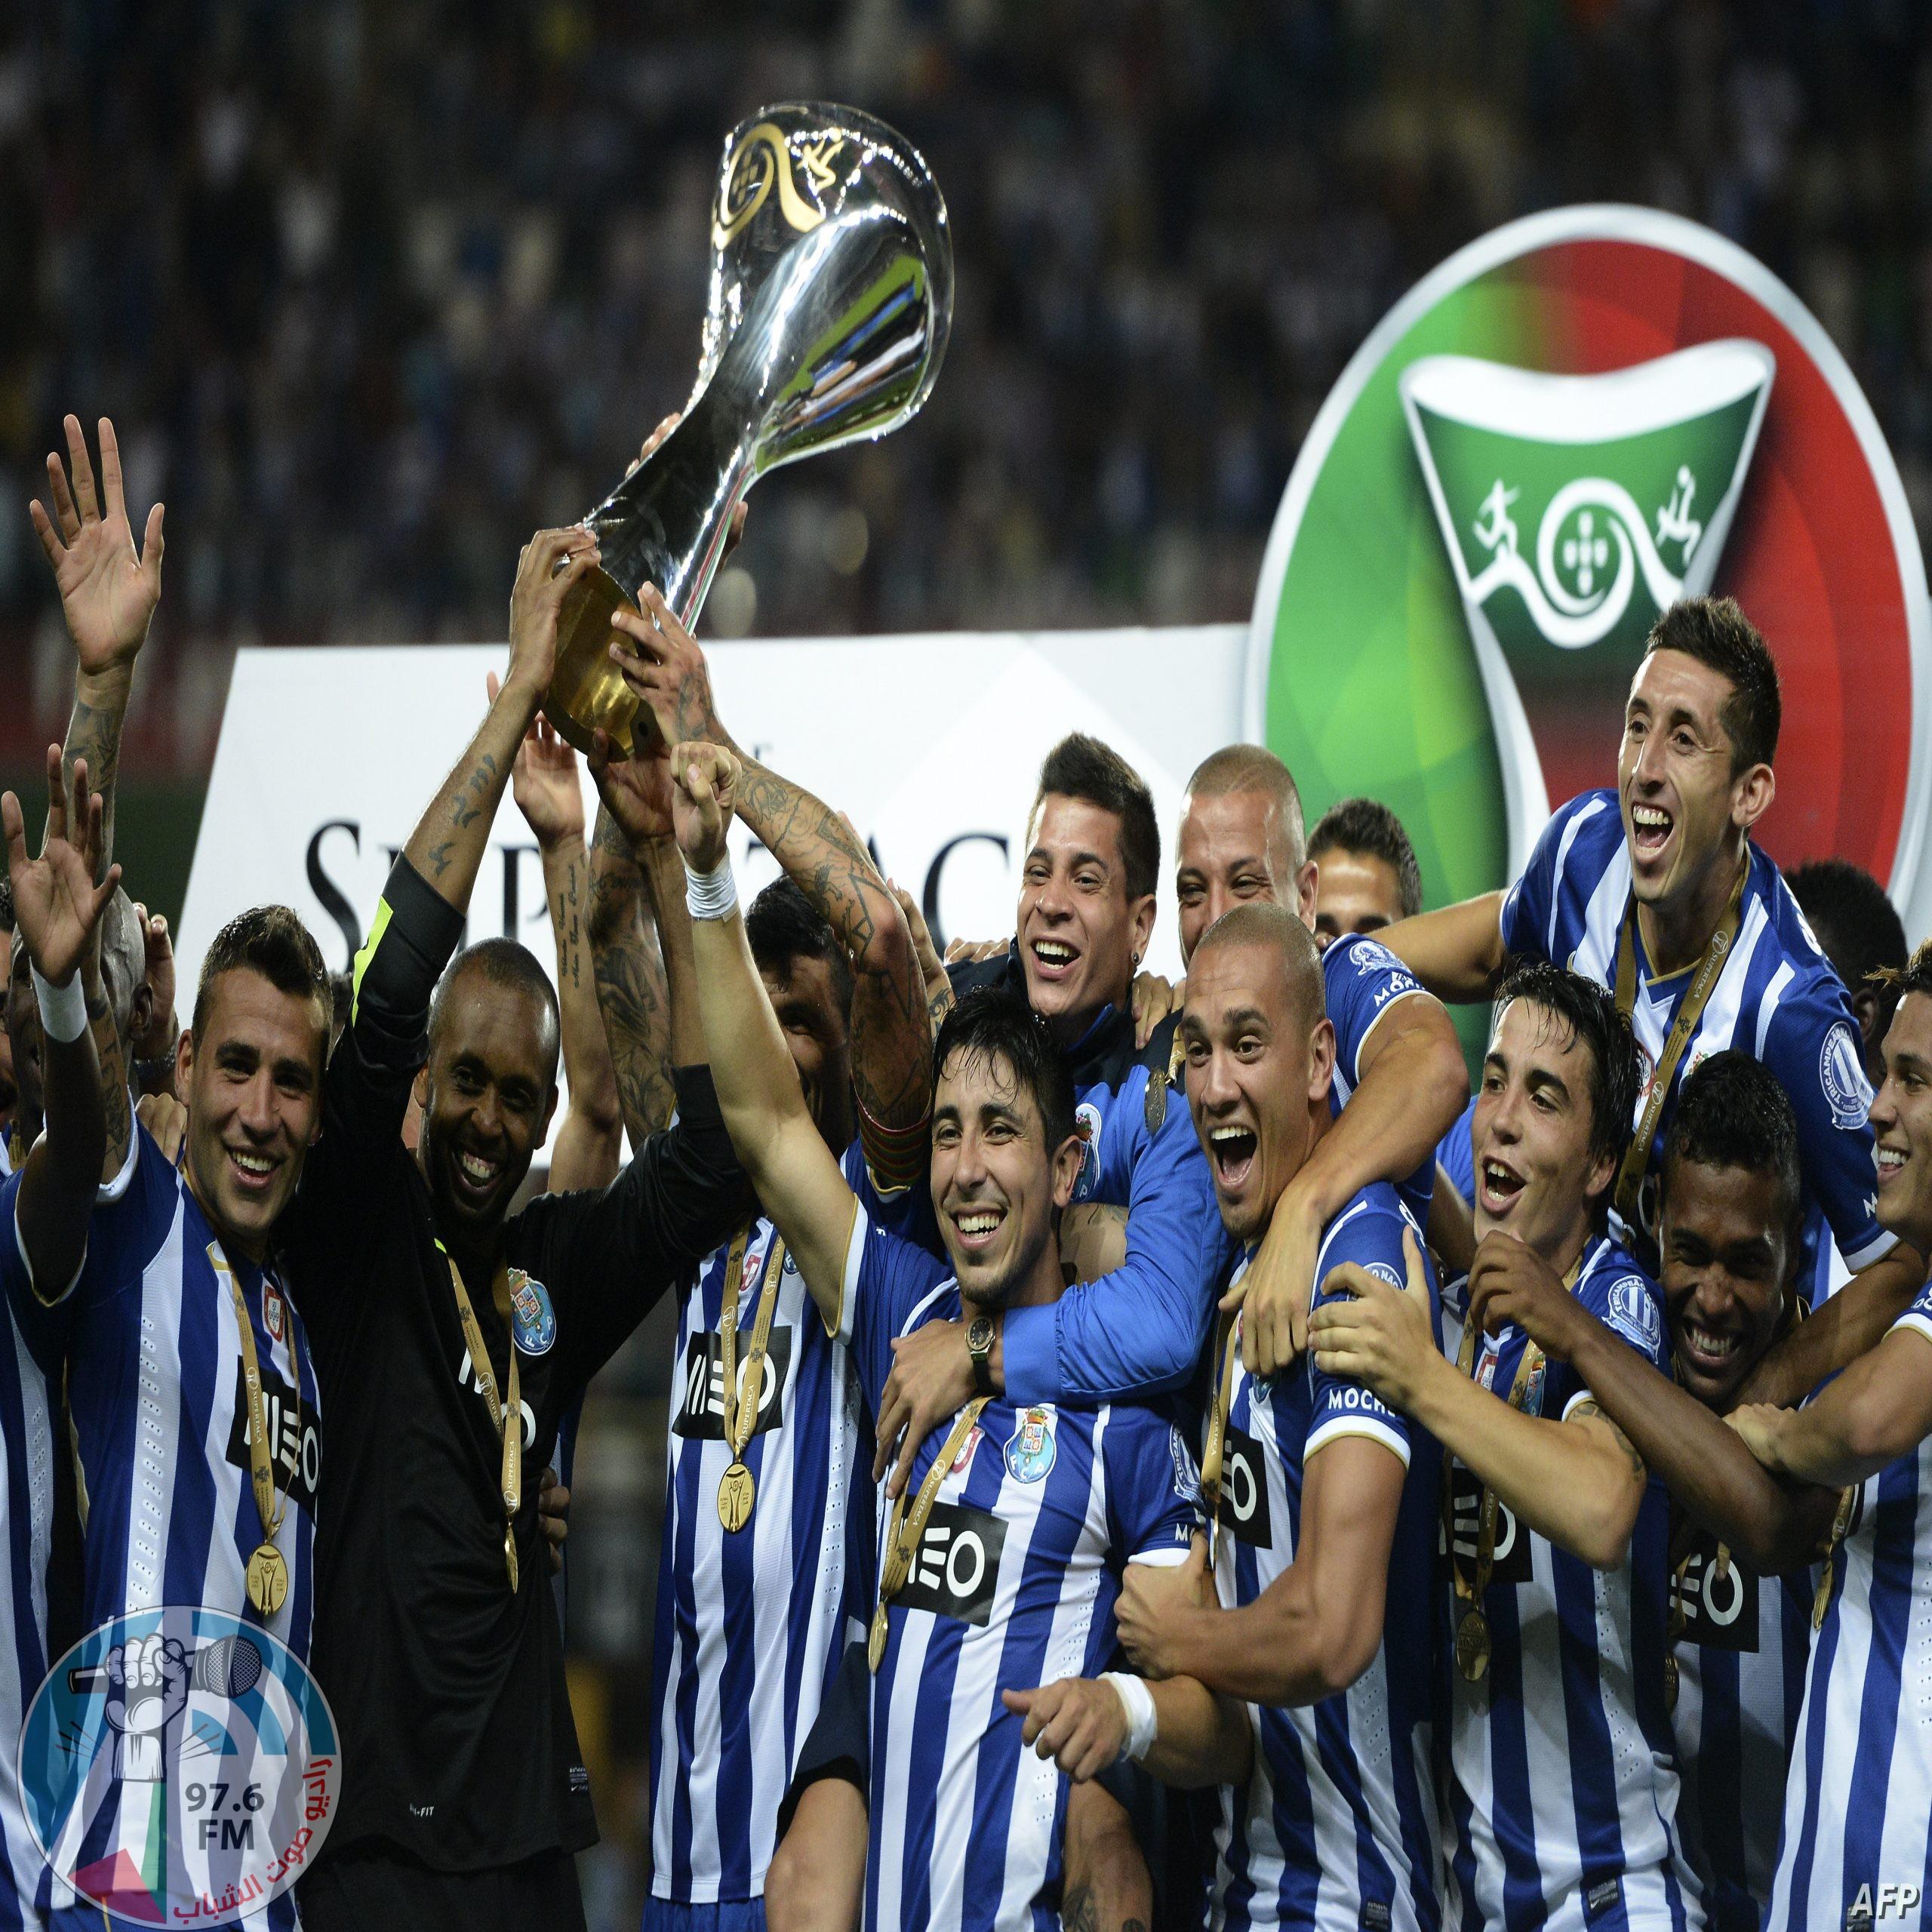 بورتو يحسم بطولة الدوري البرتغالي للمرة 29 - عالم الرياضة ...